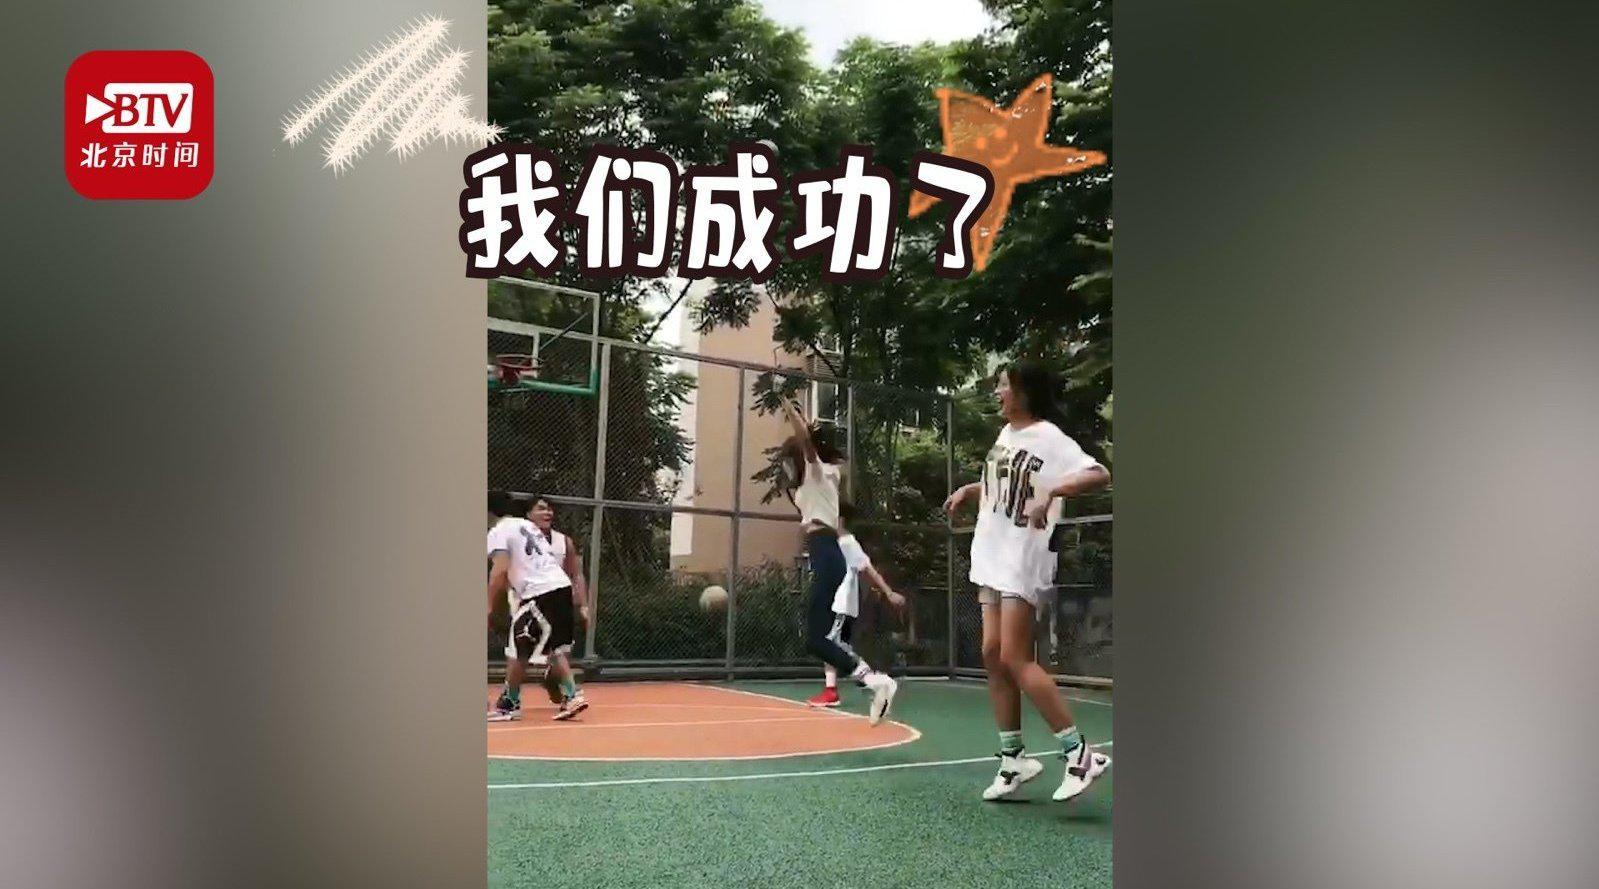 这是高手!纳西族女孩展示高难度球技 一招背后投篮看呆网友